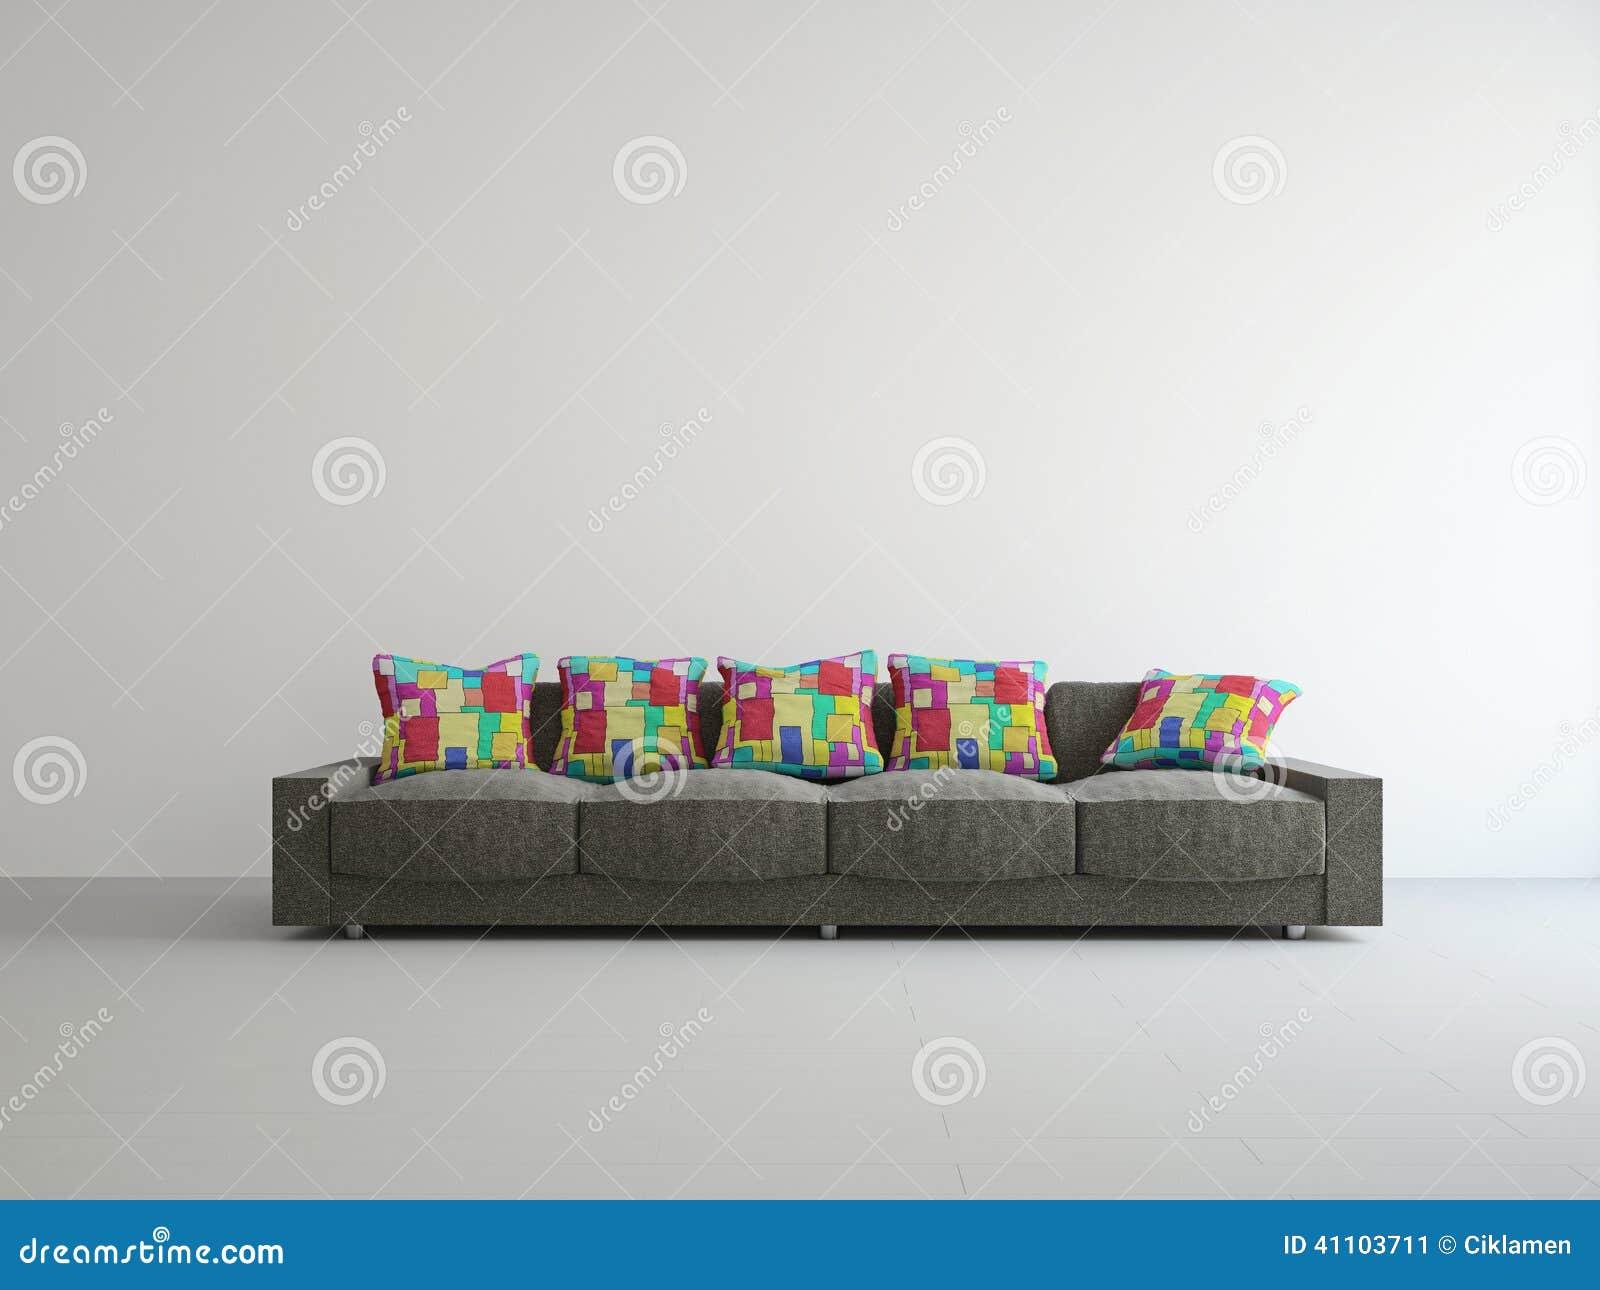 Bruine bank met kleurrijke kussens stock illustratie illustratie